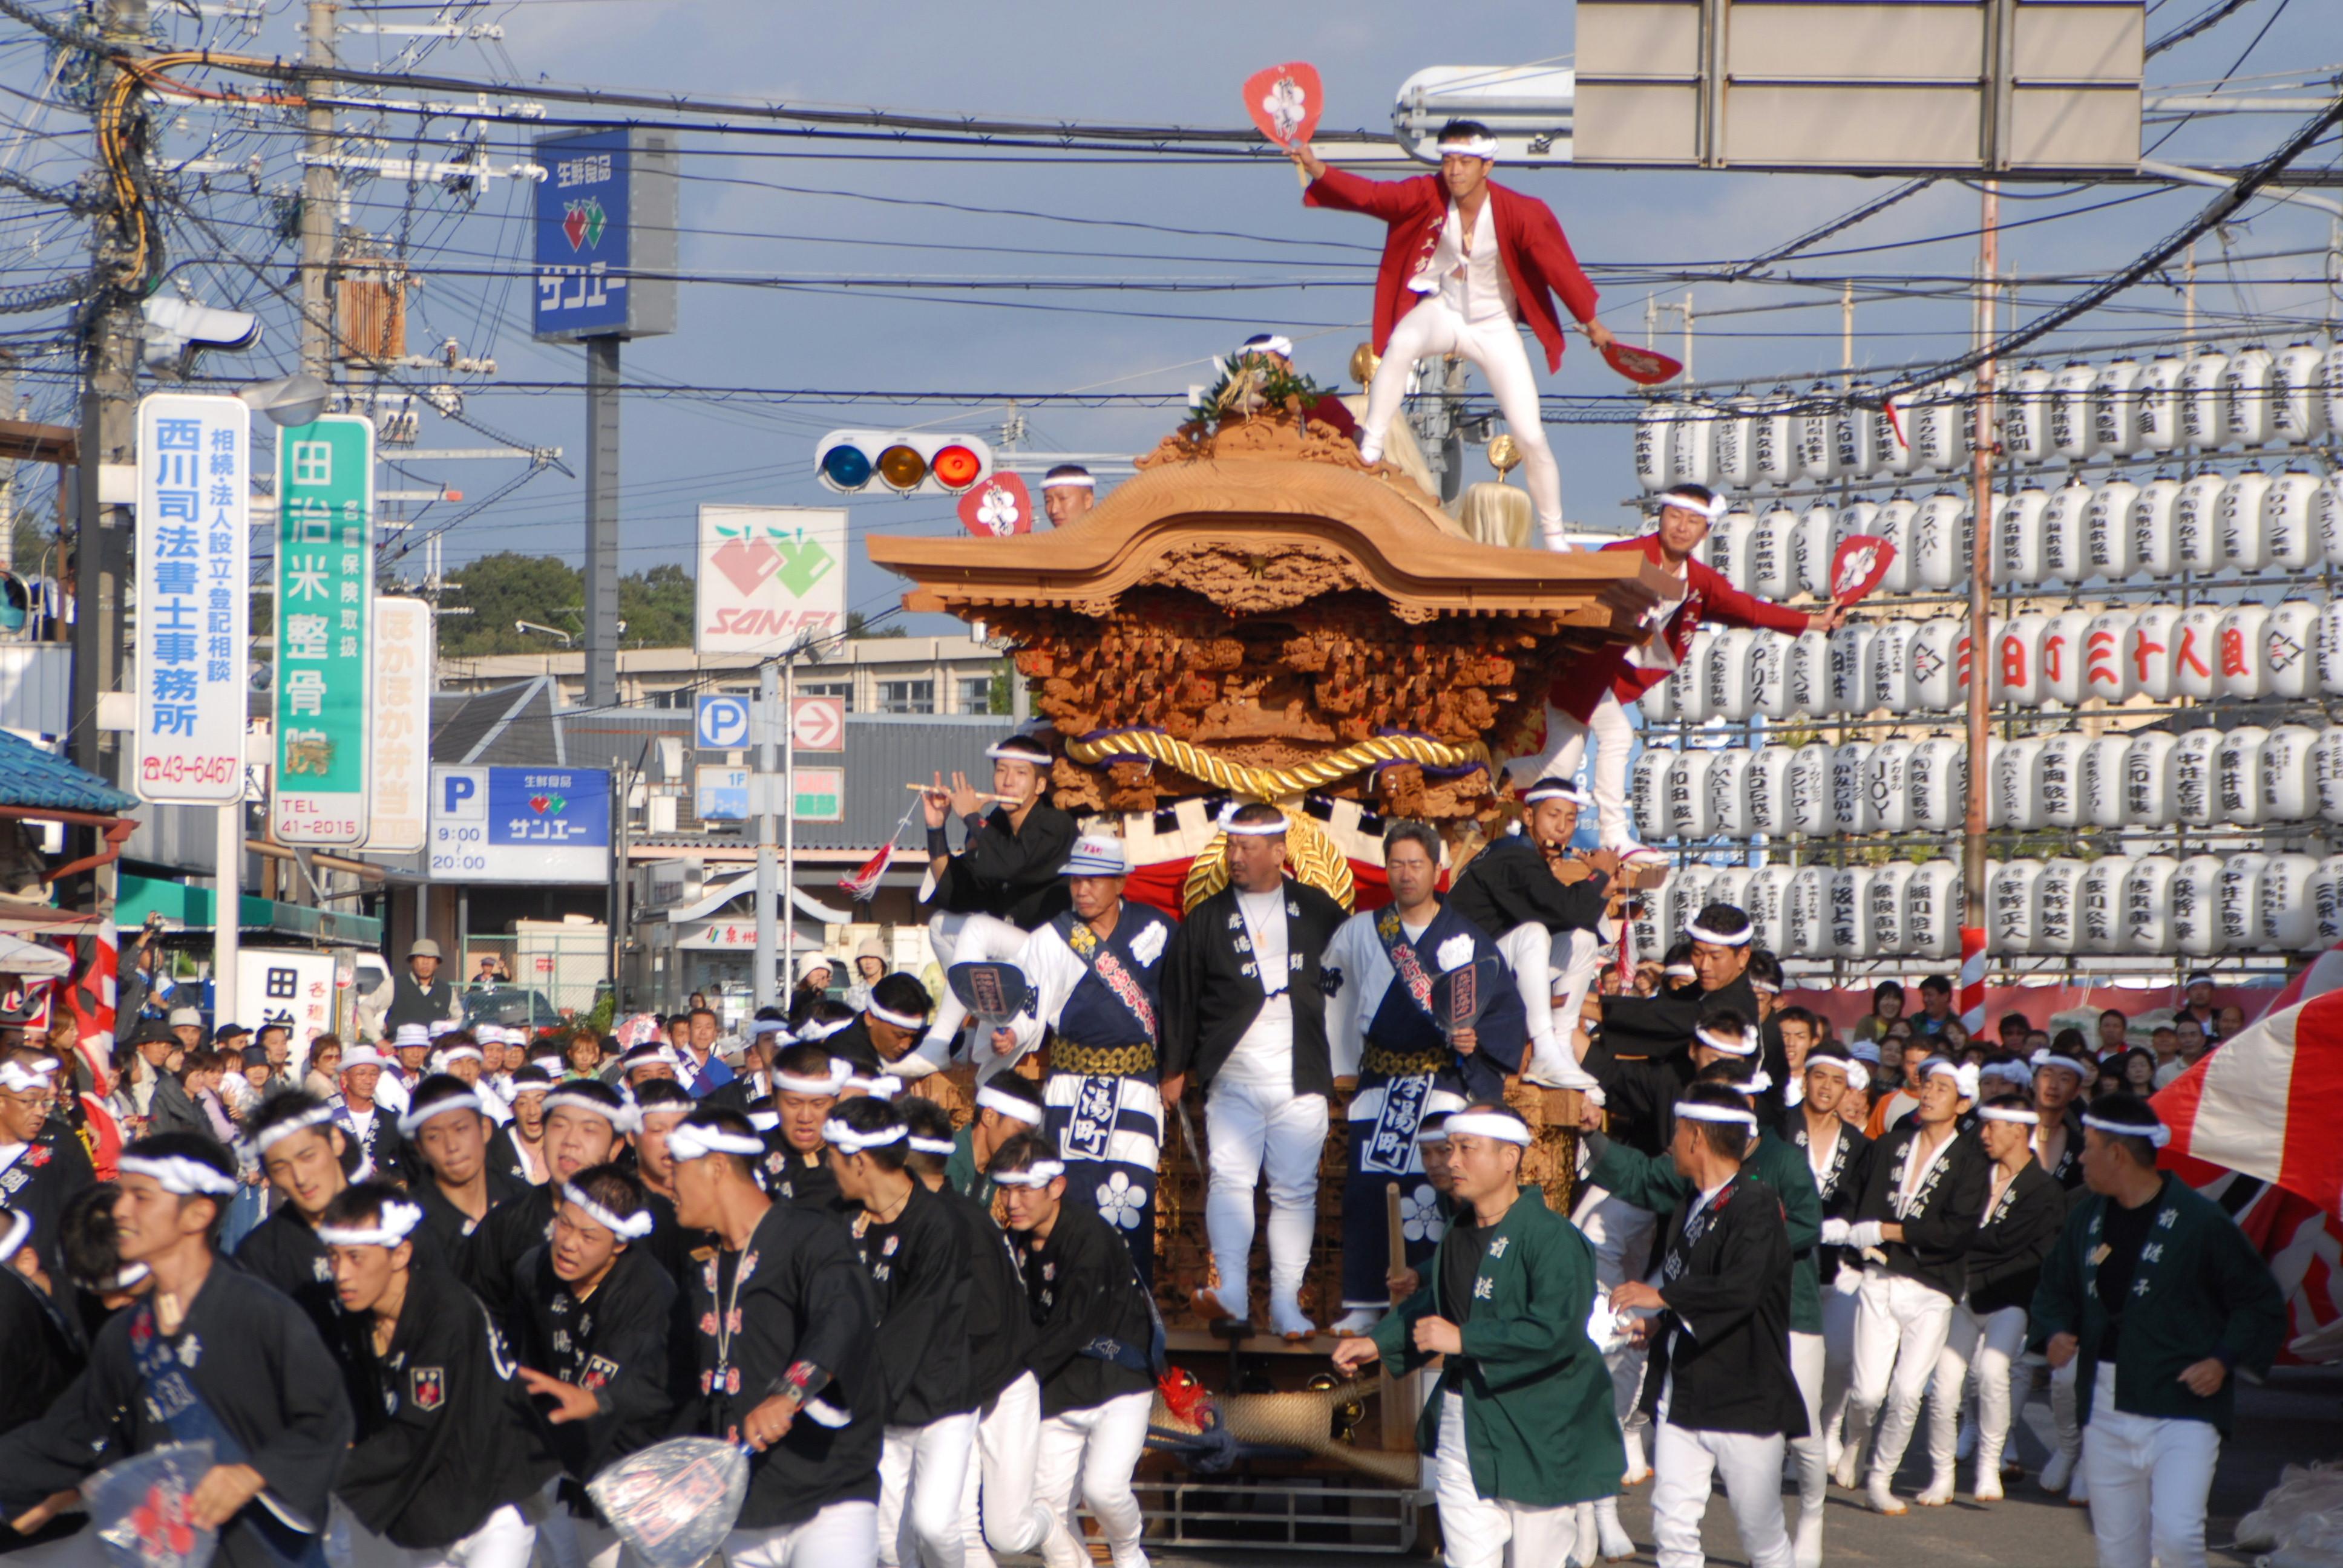 岸和田だんじり祭りを動画と一緒に知るまとめ